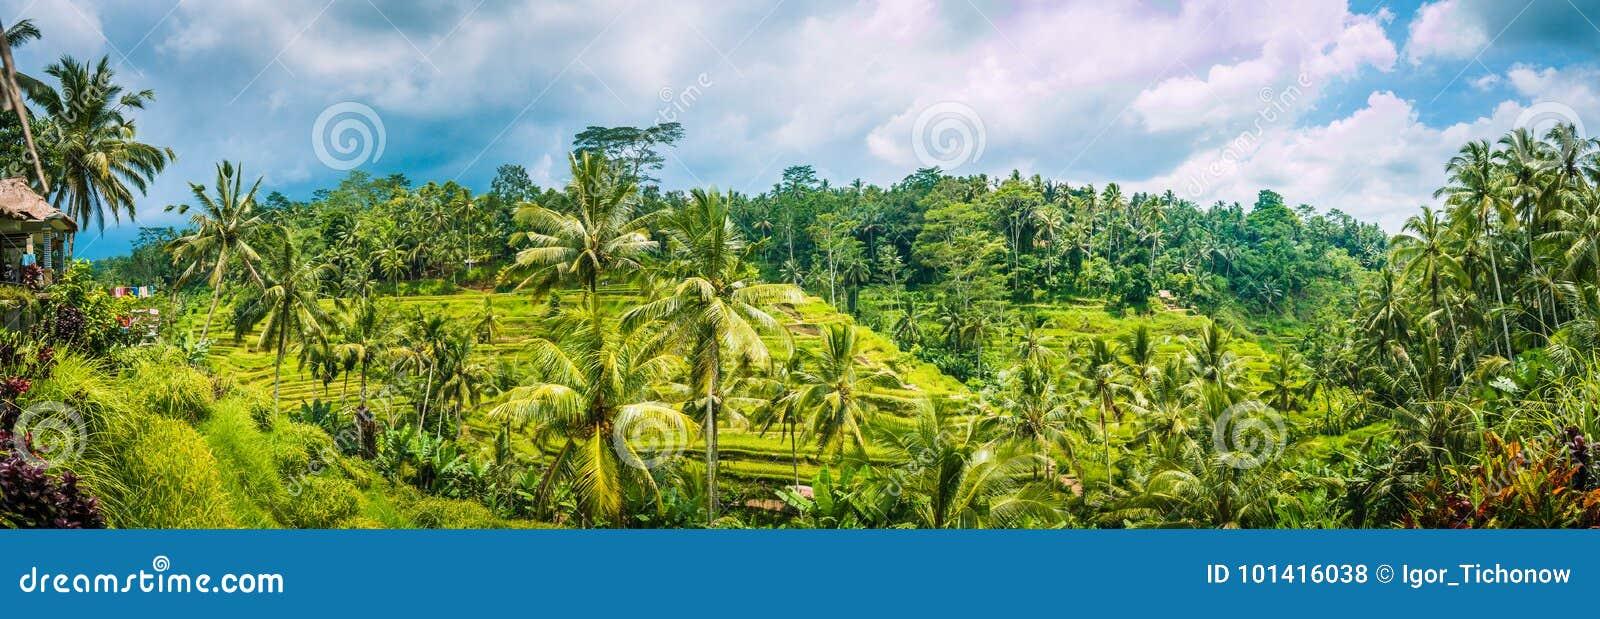 使Tegalalang米用可可椰子树和多云天空报道的大阳台领域惊奇宽射击, Ubud,巴厘岛,印度尼西亚